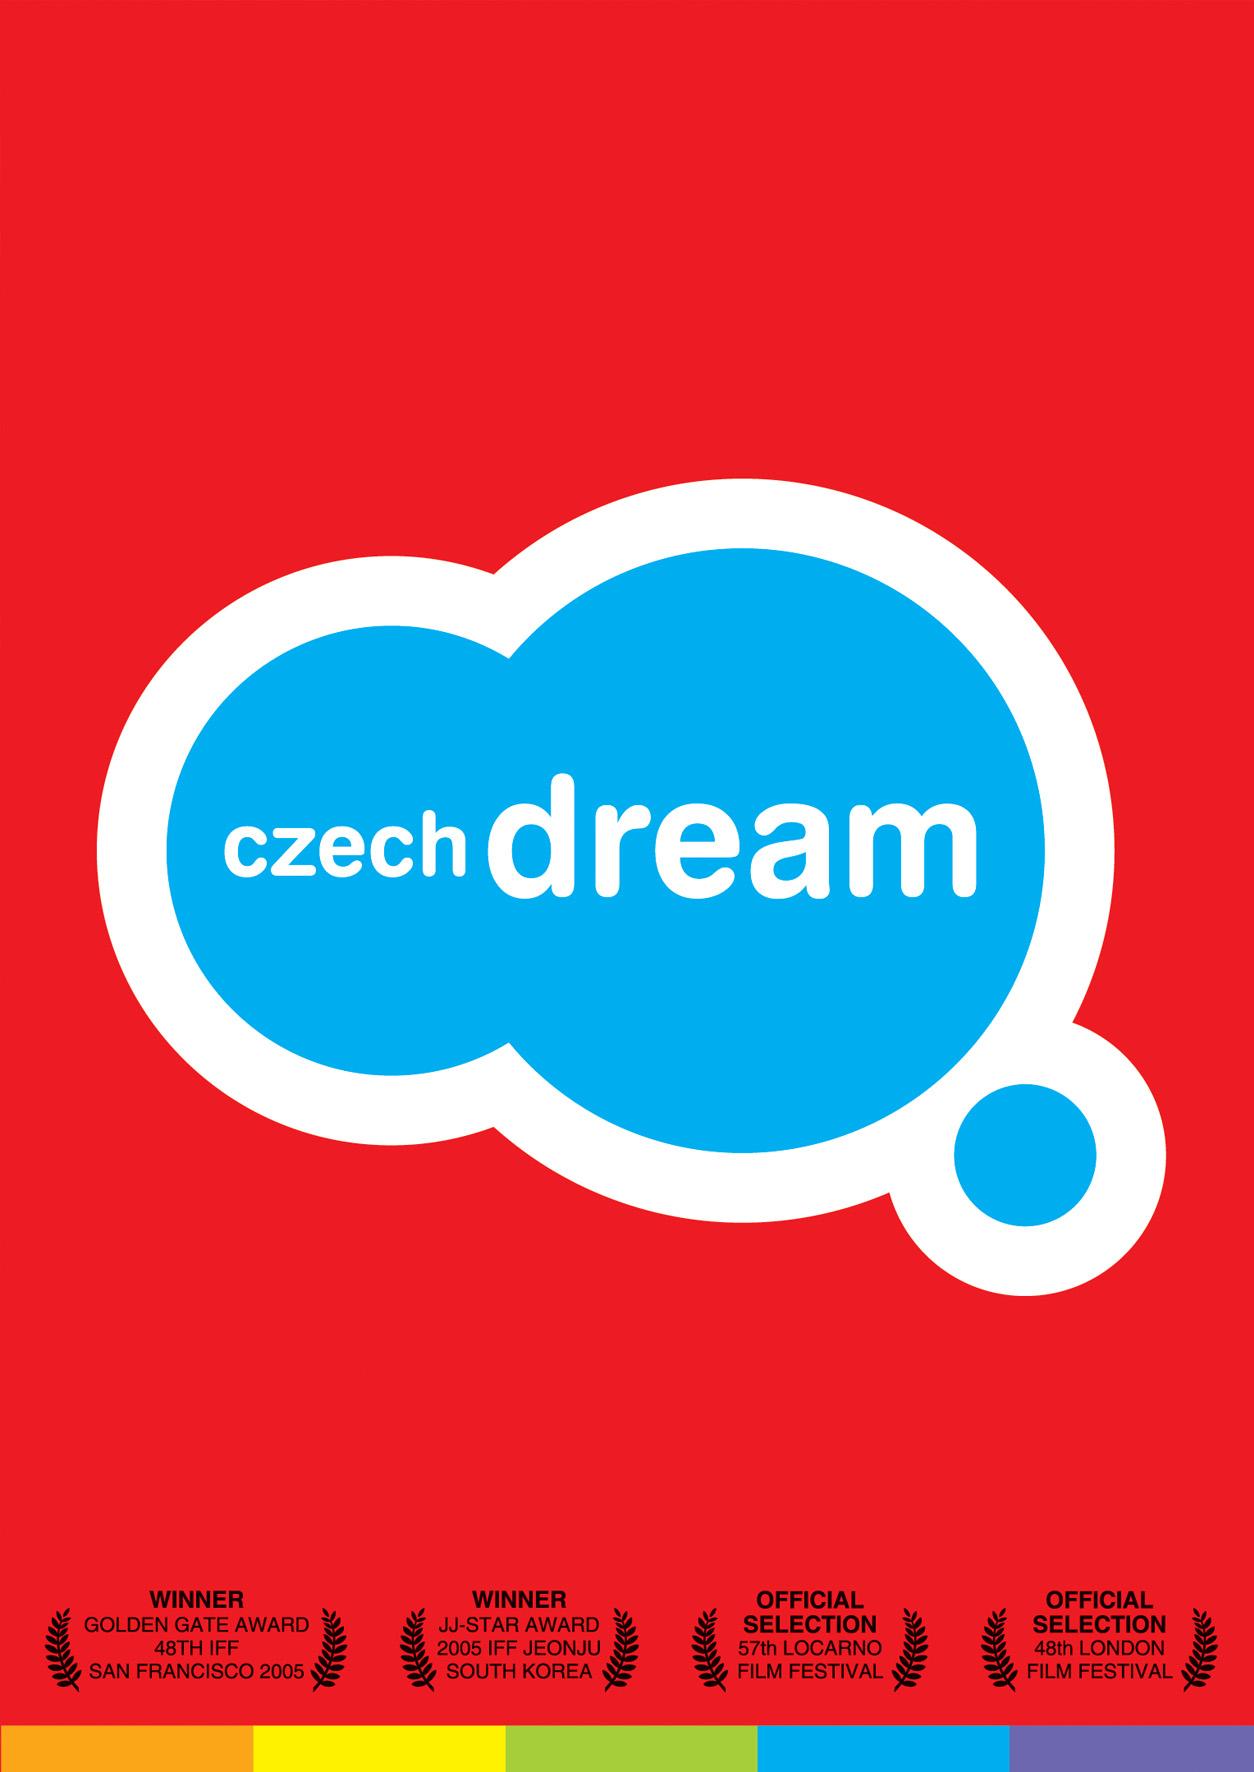 Film Český sen ke stažení - Film Český sen download